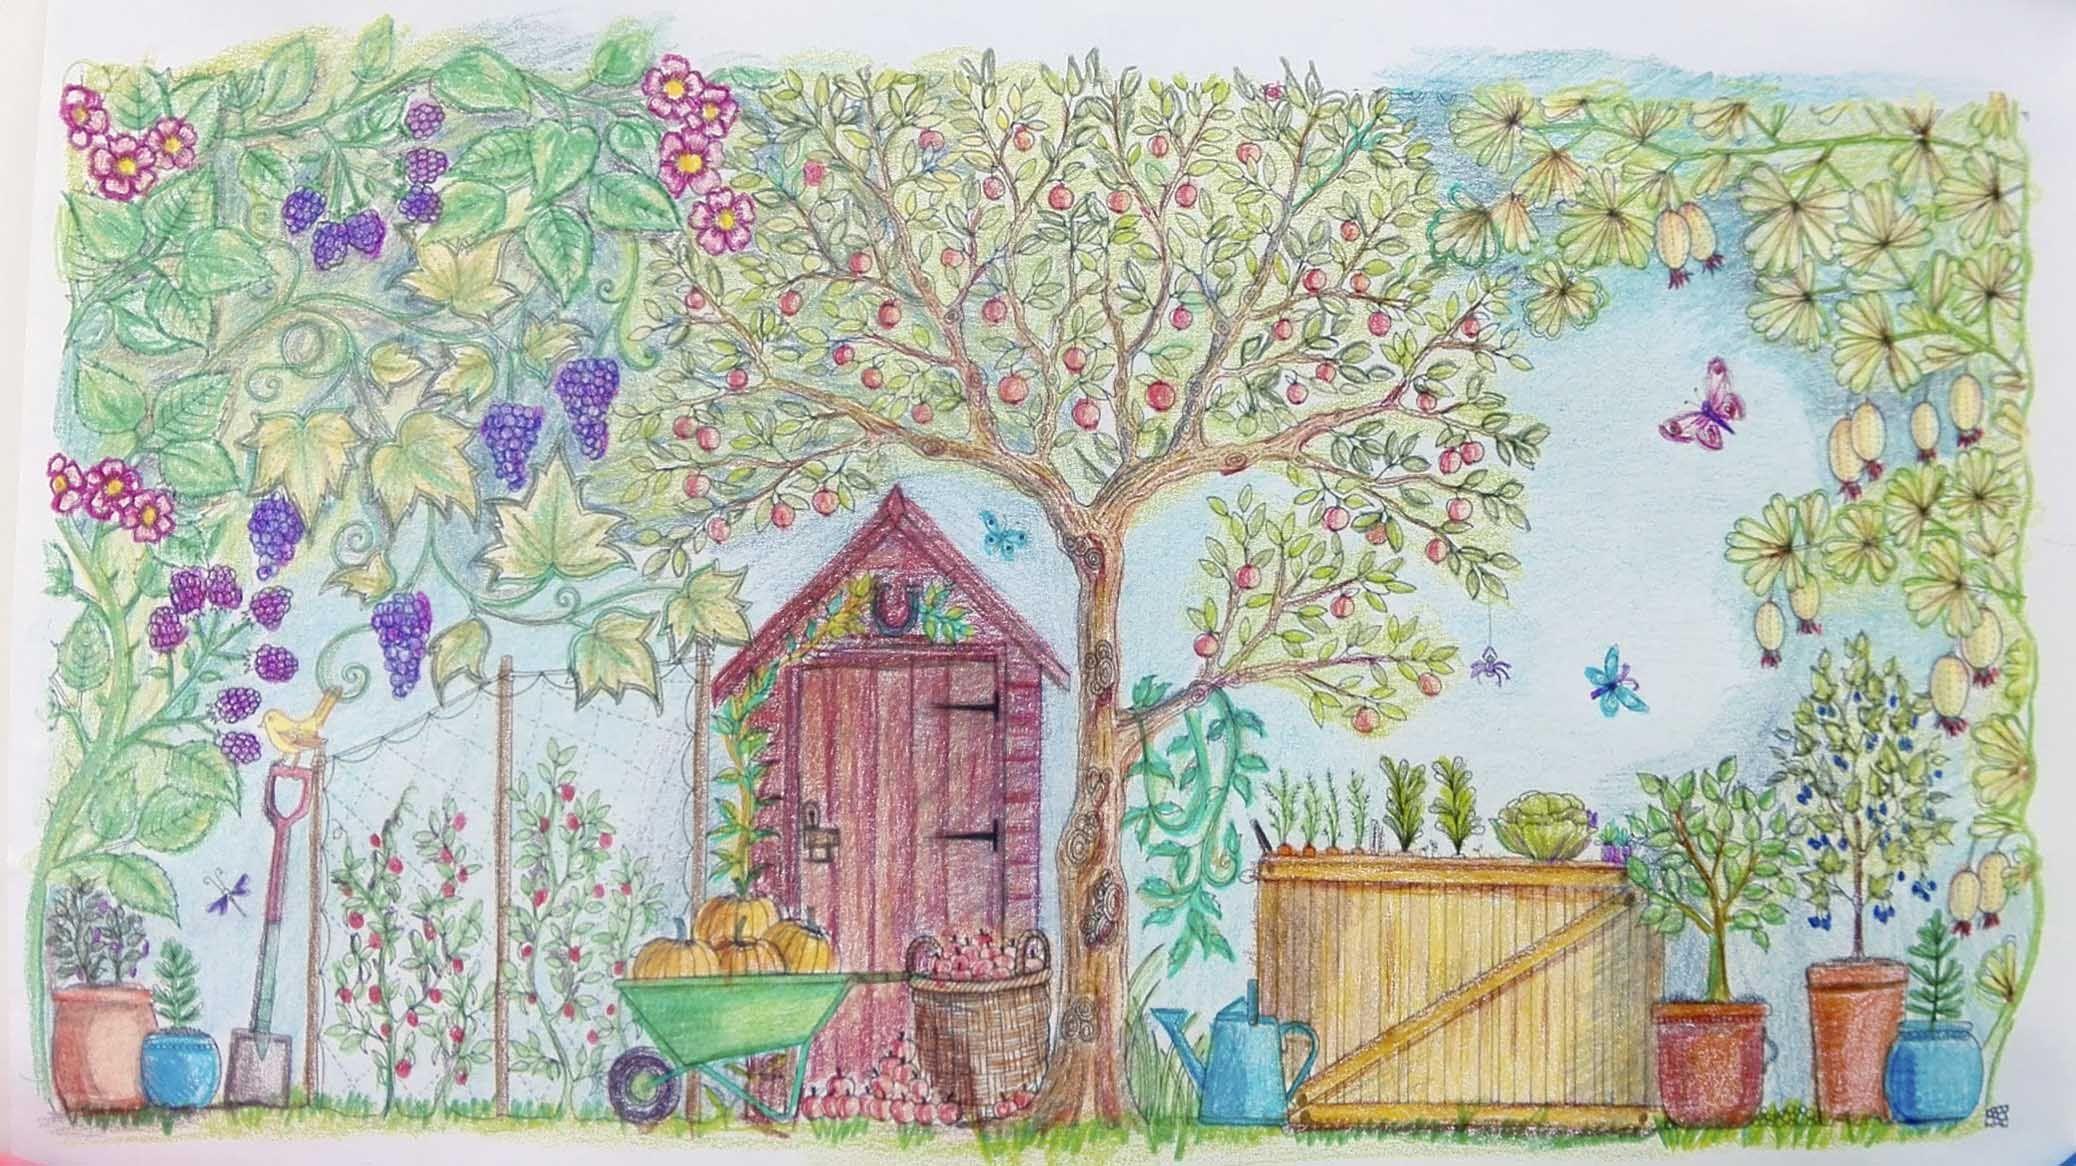 Colorear Jardin Secreto 3 Jpg 2076 1166 Johanna Basford Secret Garden Coloring Books Basford Secret Garden